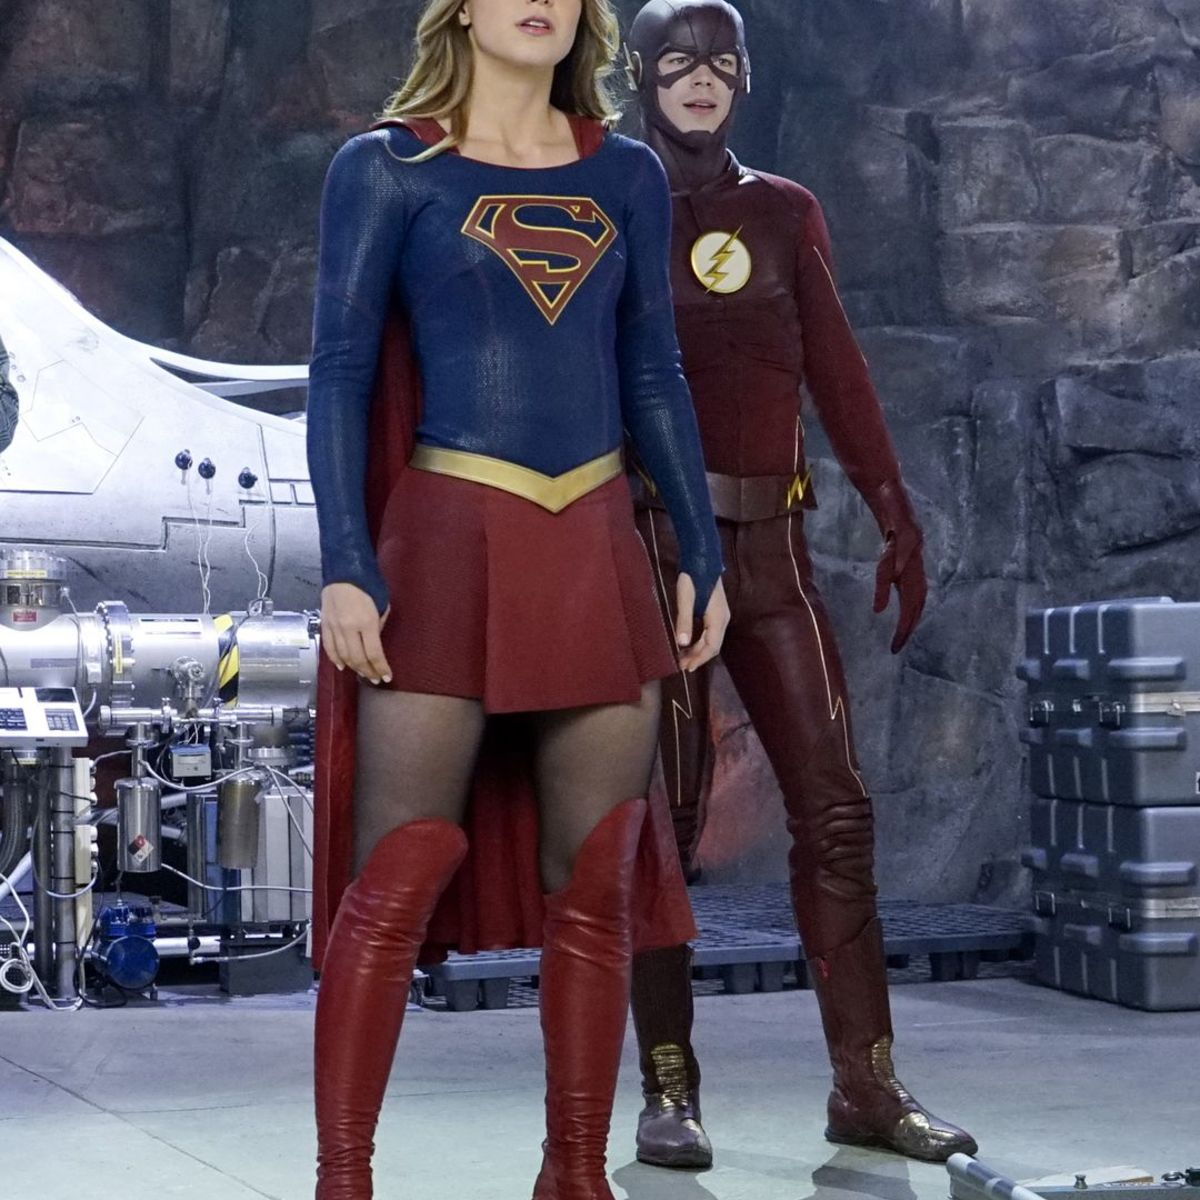 The-Flash-Supergirl-01.jpg